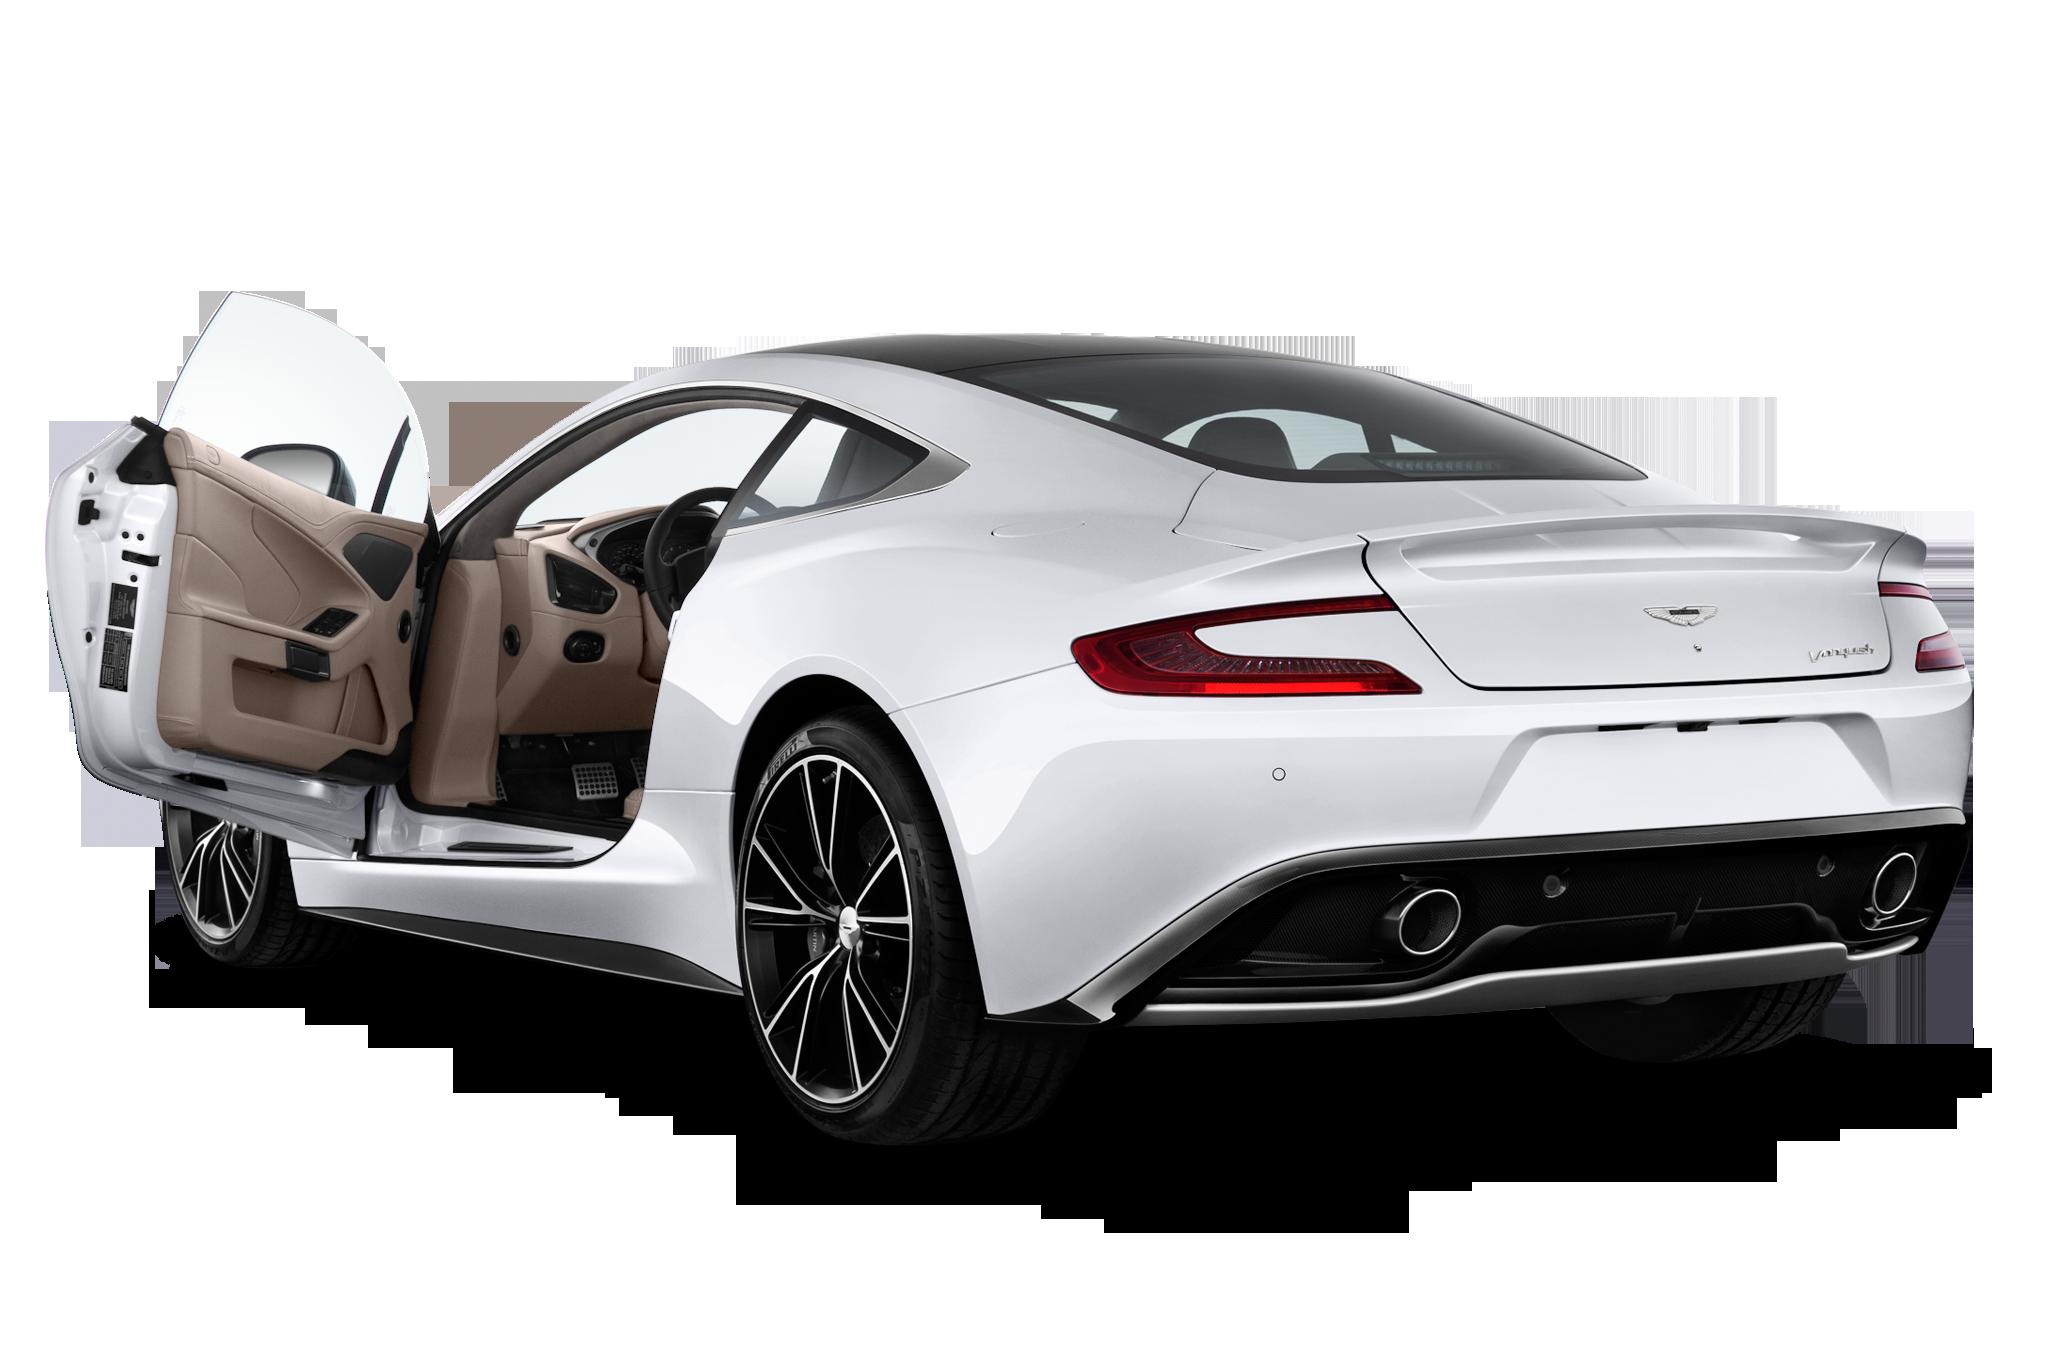 Aston Martin Vanquish Zagato Volante Priced From 850 000